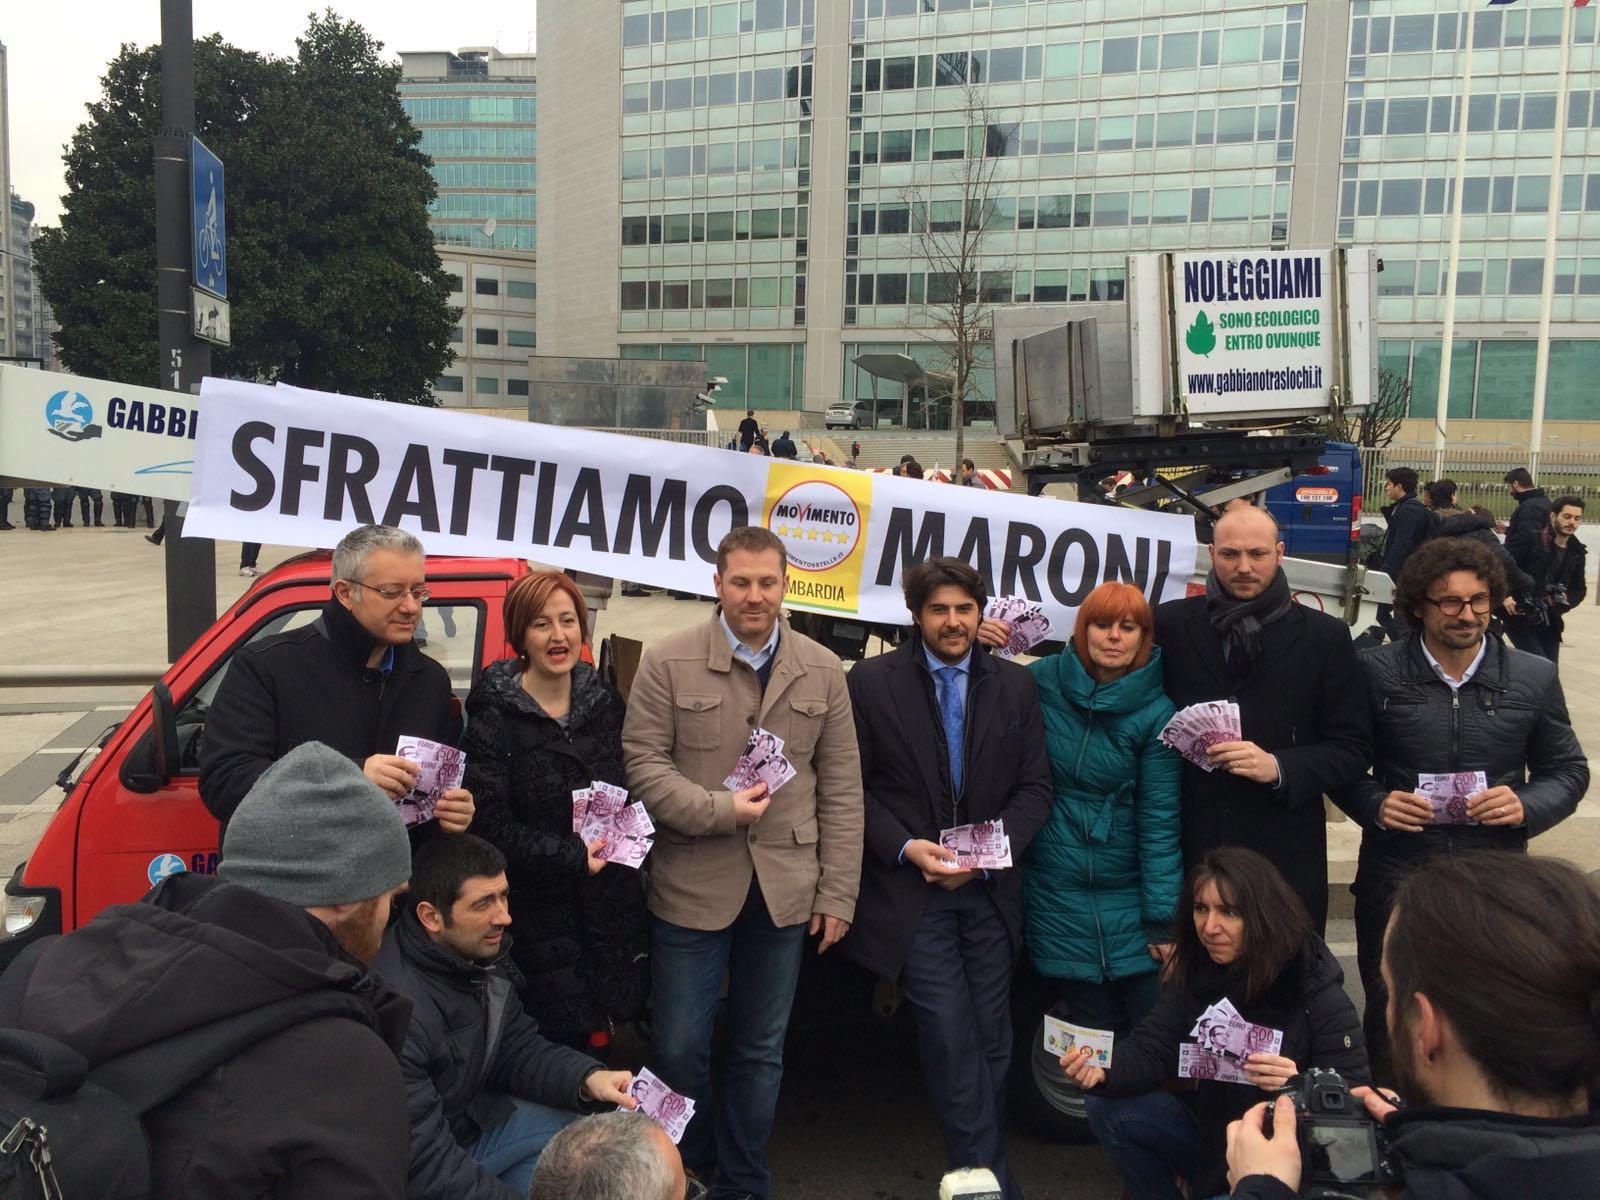 #SfrattiamoMaroni, il flash mob del M5S davanti a Palazzo Pirelli